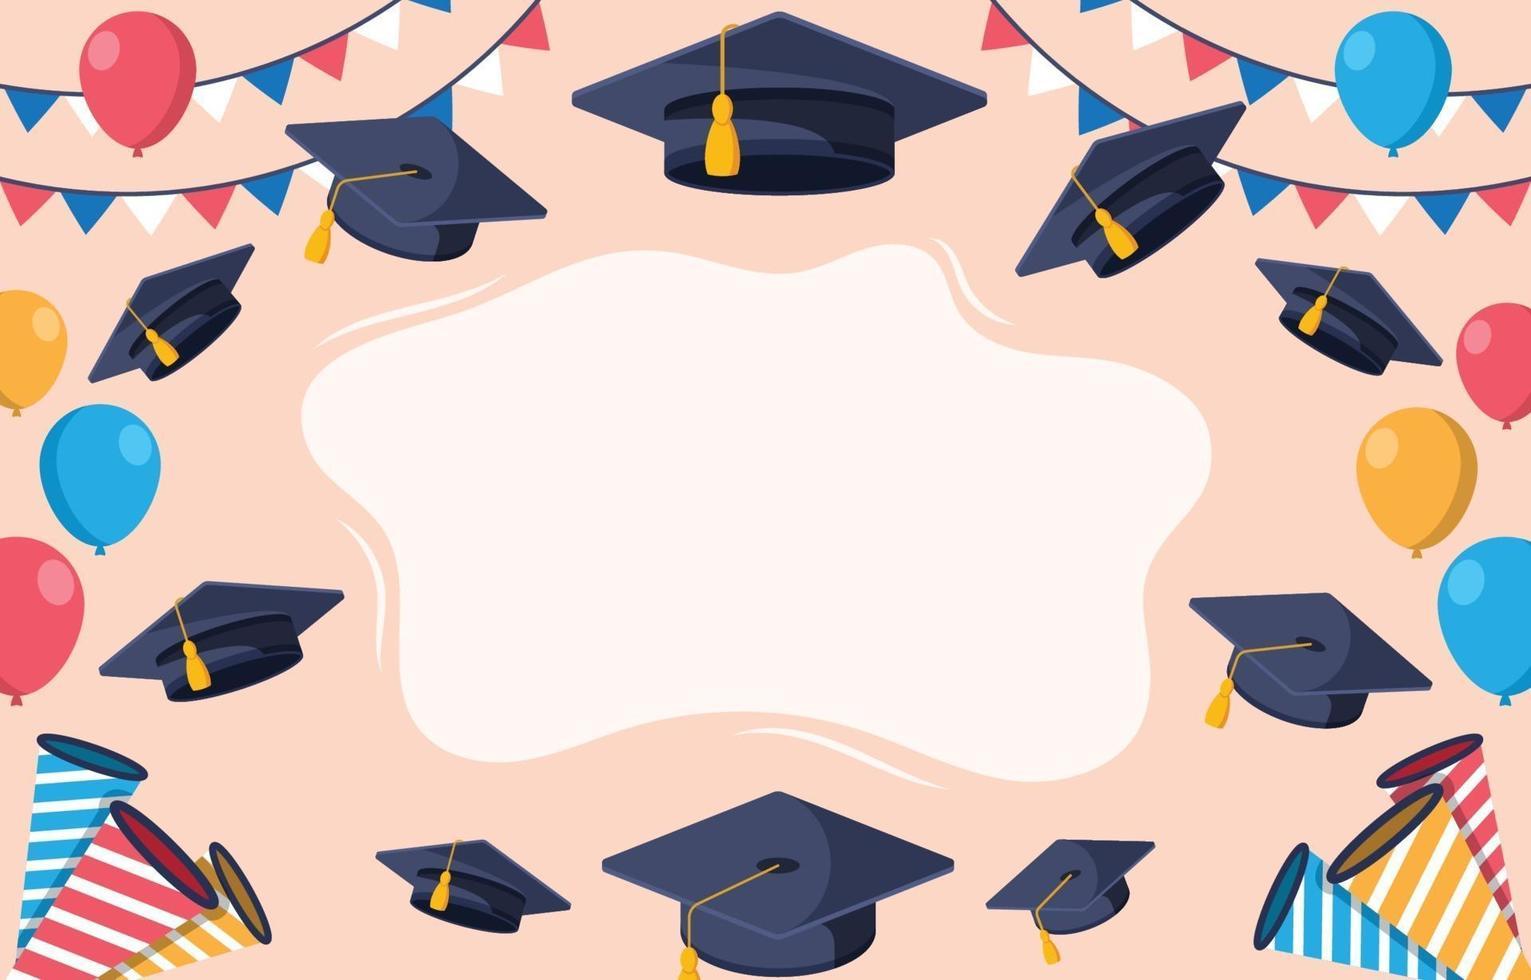 flacher Bildungshintergrund vektor